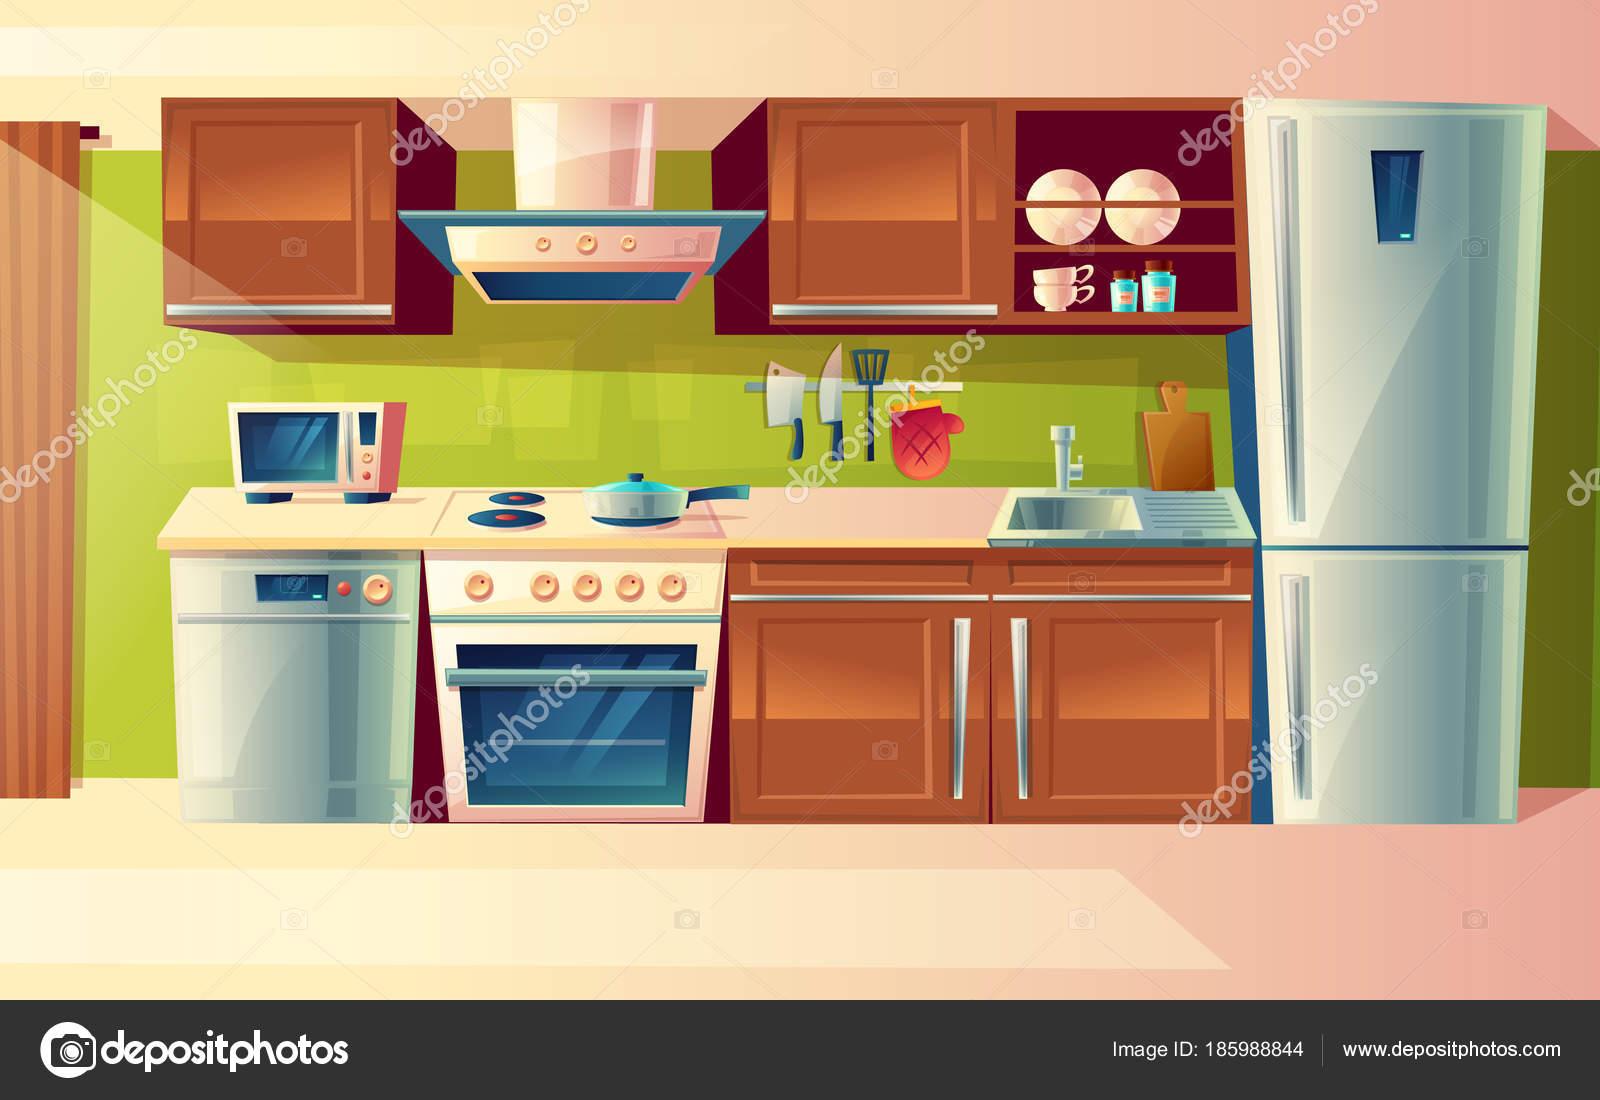 Fumetto del set di contatore di cucina con elettrodomestici ...